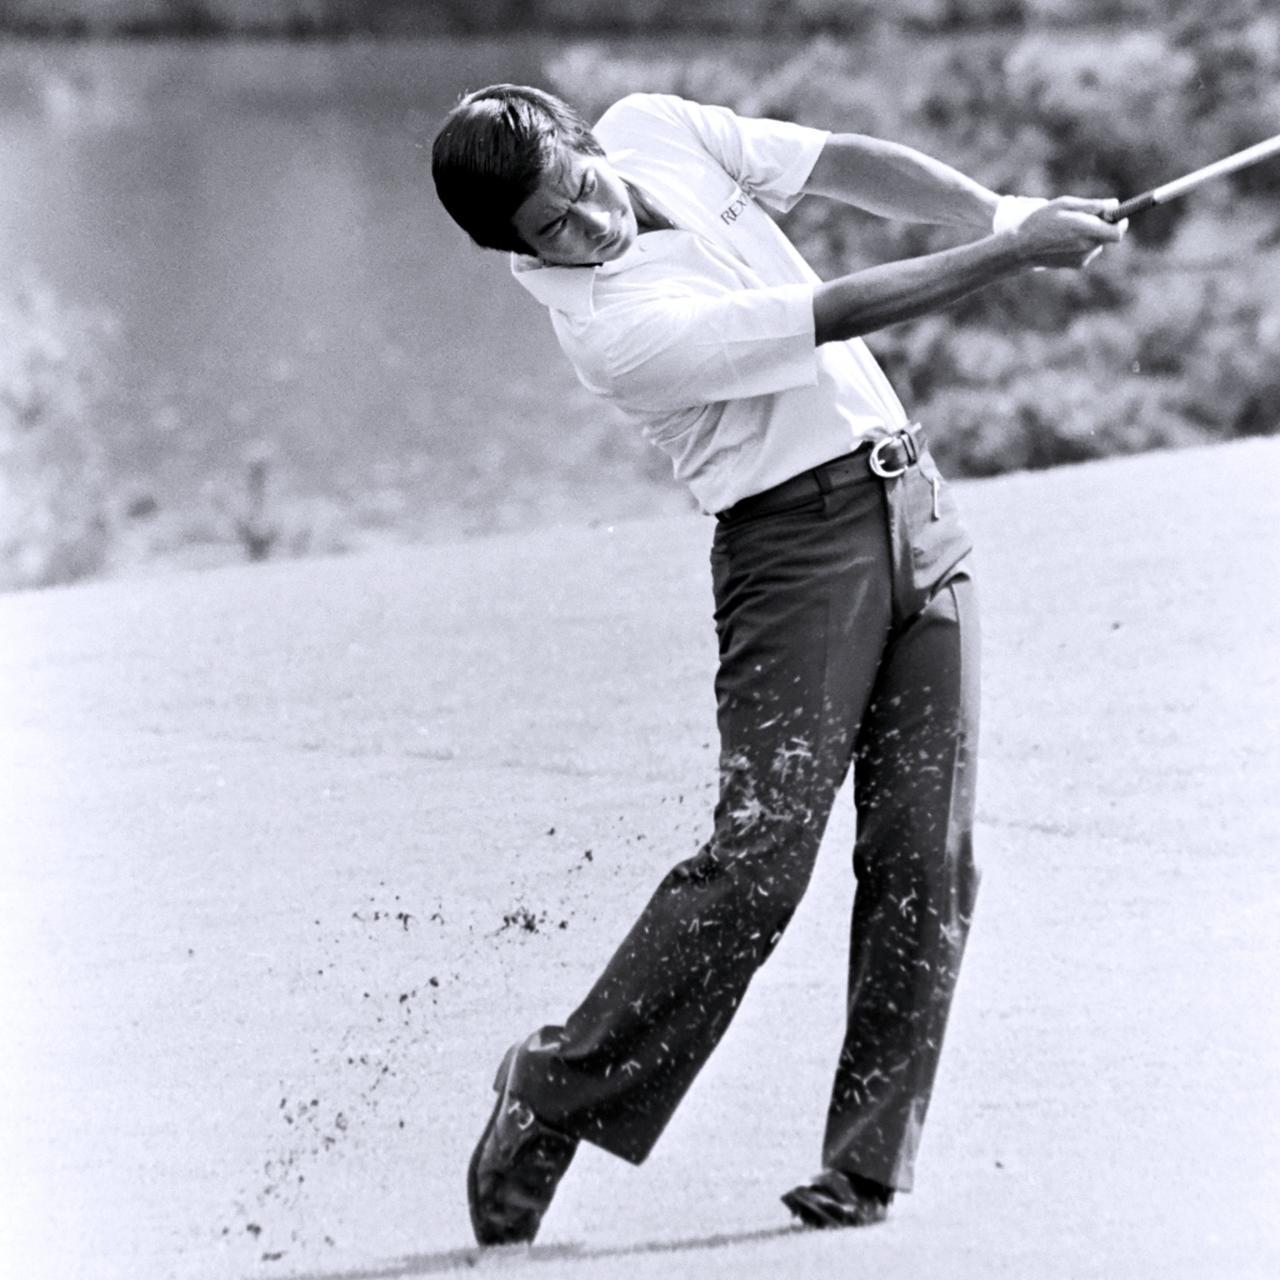 画像: 【伝説の名勝負。ヒーローの足跡】烏山城カントリークラブ。青木功が湯原に送ったアドバイス「勝ち方を身につけろ」1981年関東オープン - ゴルフへ行こうWEB by ゴルフダイジェスト